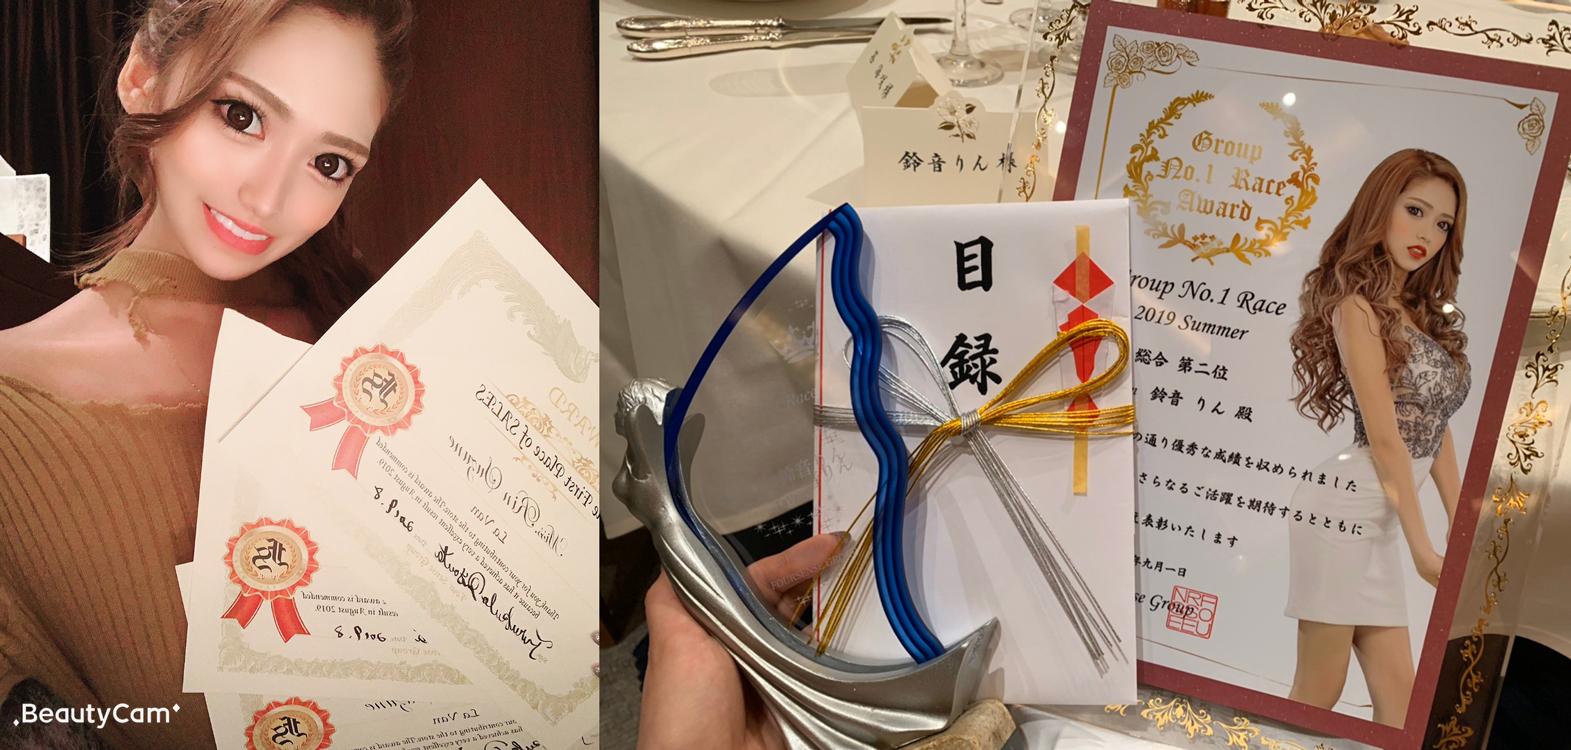 初めて飲んだお酒がアルマンド♥錦糸町に転がっていたダイヤの原石 ラヴァン・鈴音りん伝説!!